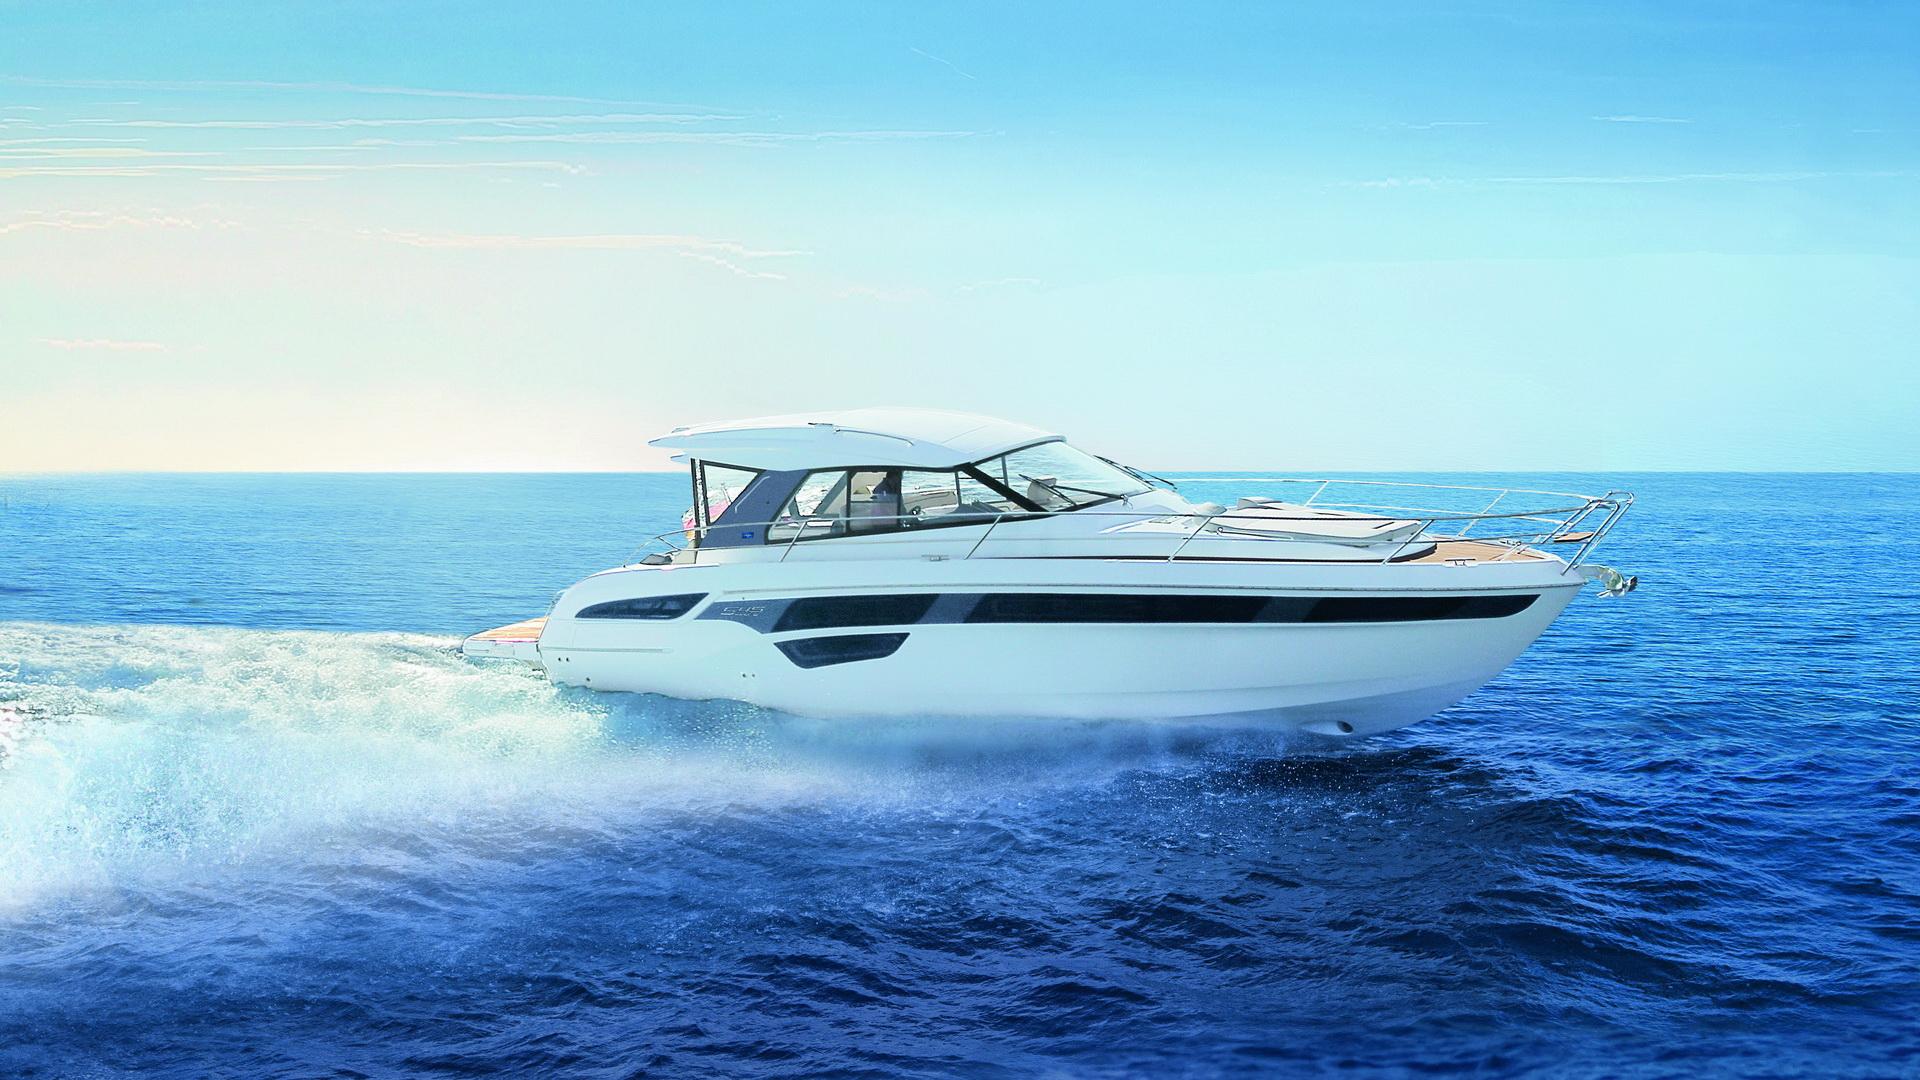 BAVARIA S45 Coupe - Bavaria Yachts - Drettmann Yachts